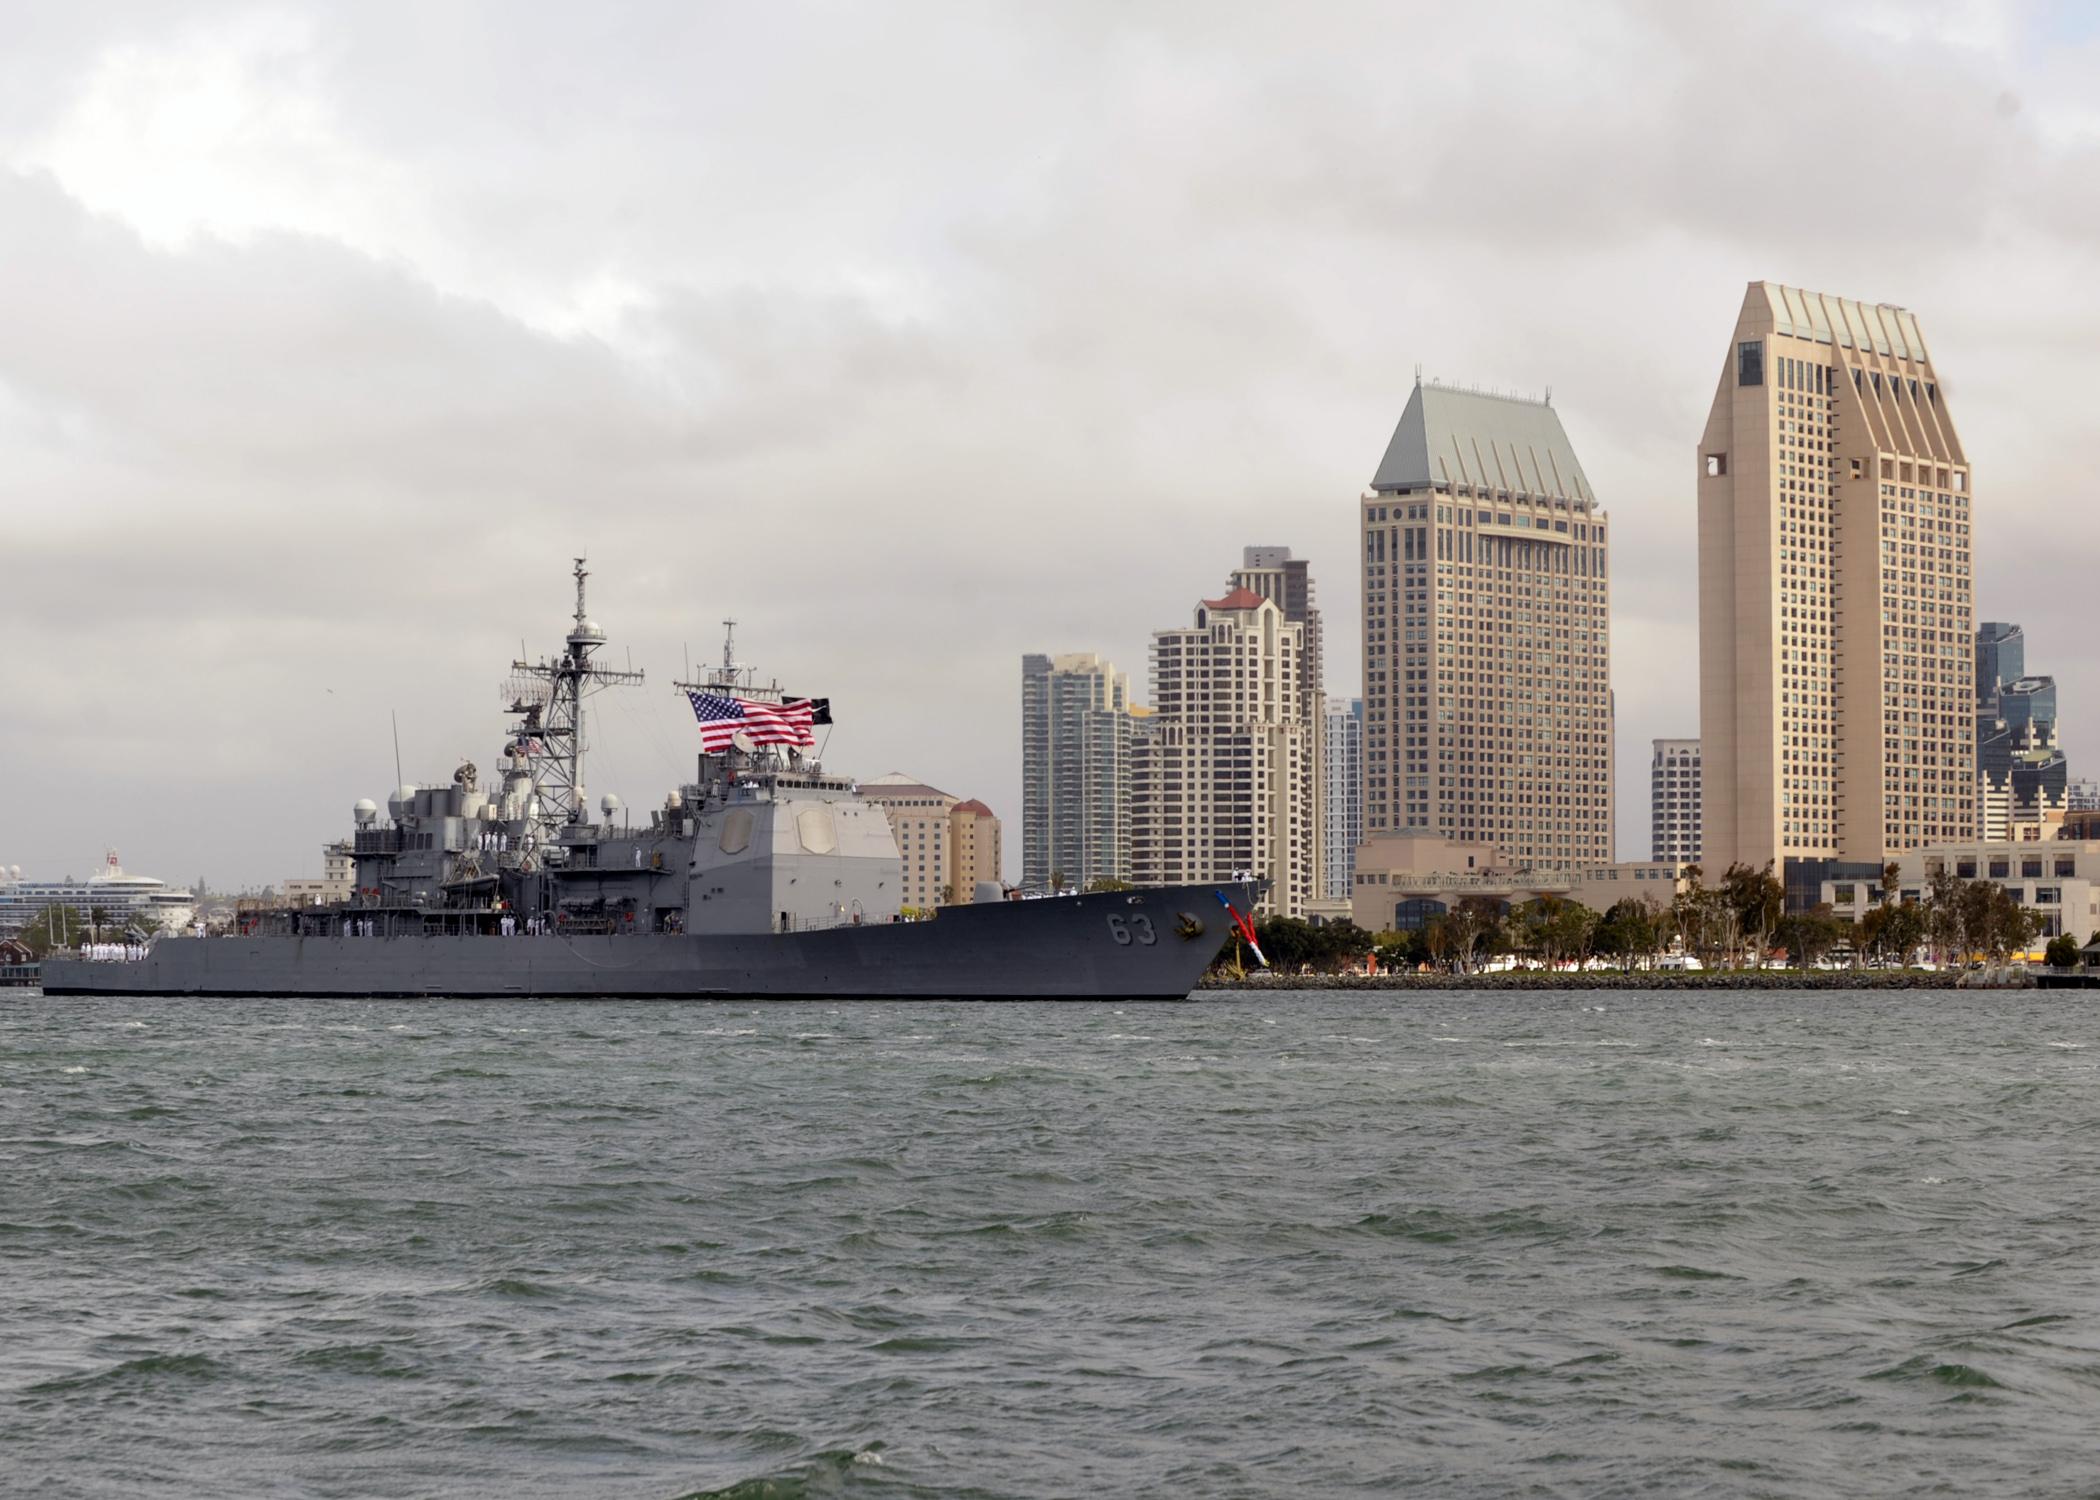 USS COWPENS CG-63 San Diego, CA 08.04.2013Bild: U.S. Navy